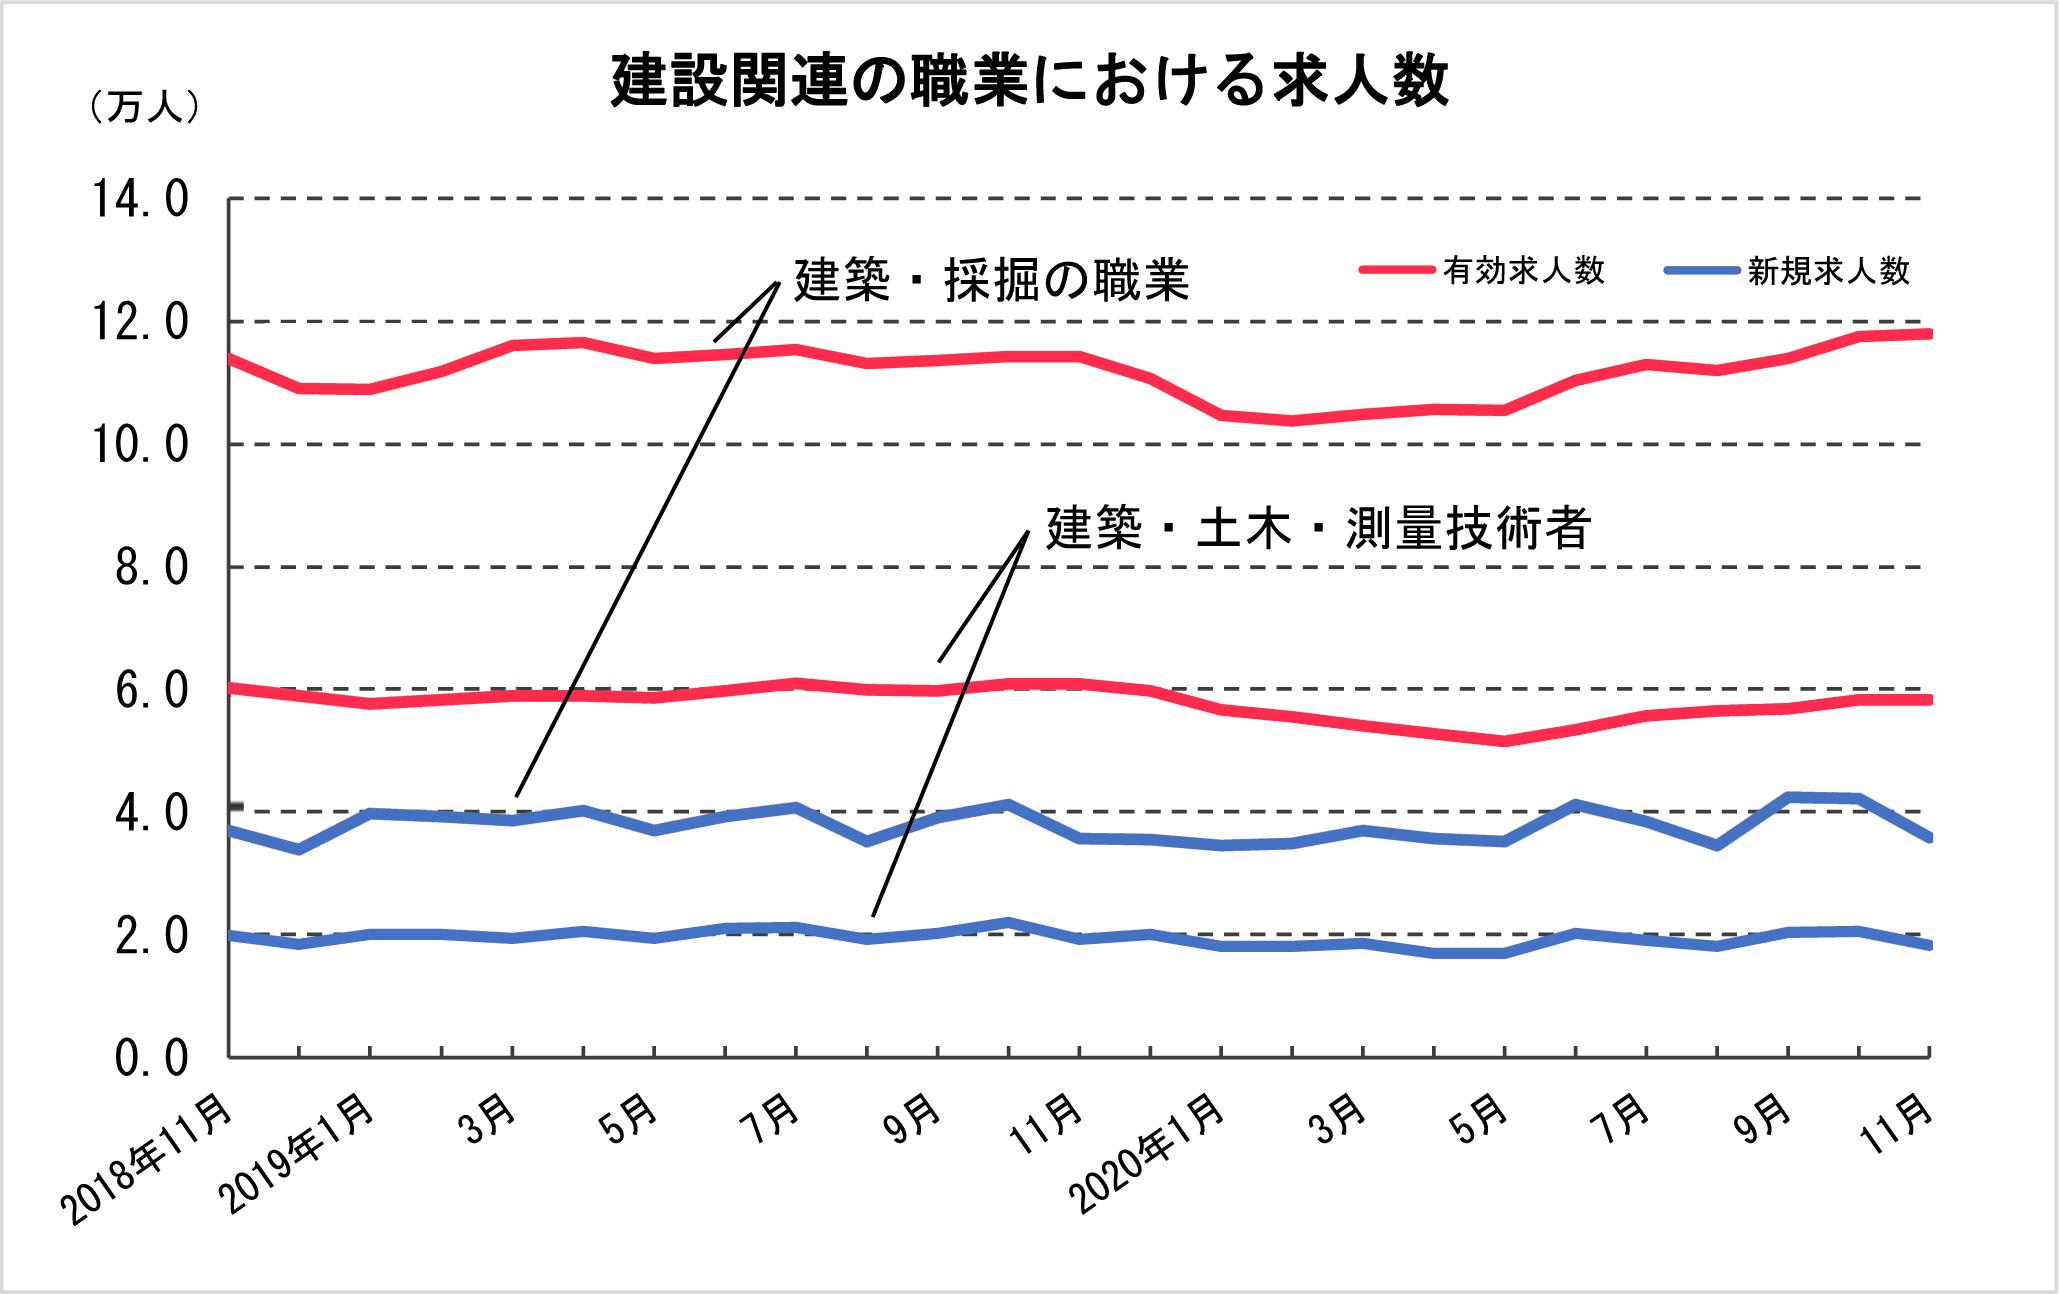 ④-1 建設関連の職業における求人数